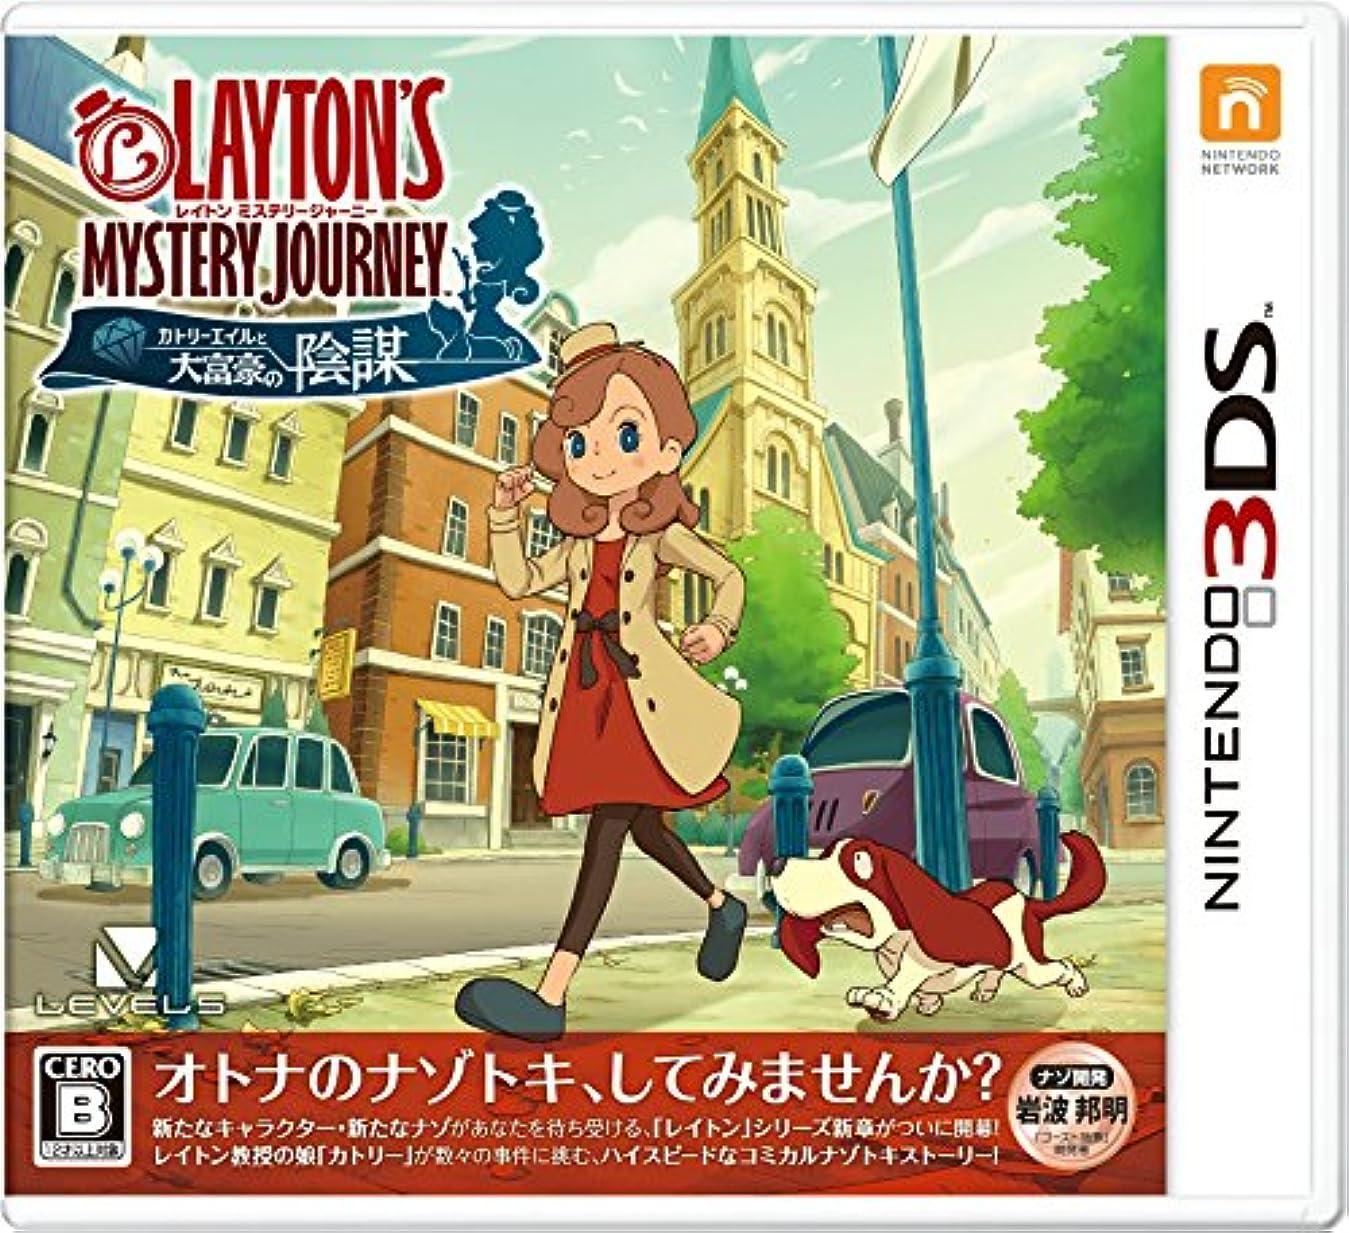 ウェイトレスナチュラルメンテナンスレイトン ミステリージャーニー カトリーエイルと大富豪の陰謀 - 3DS